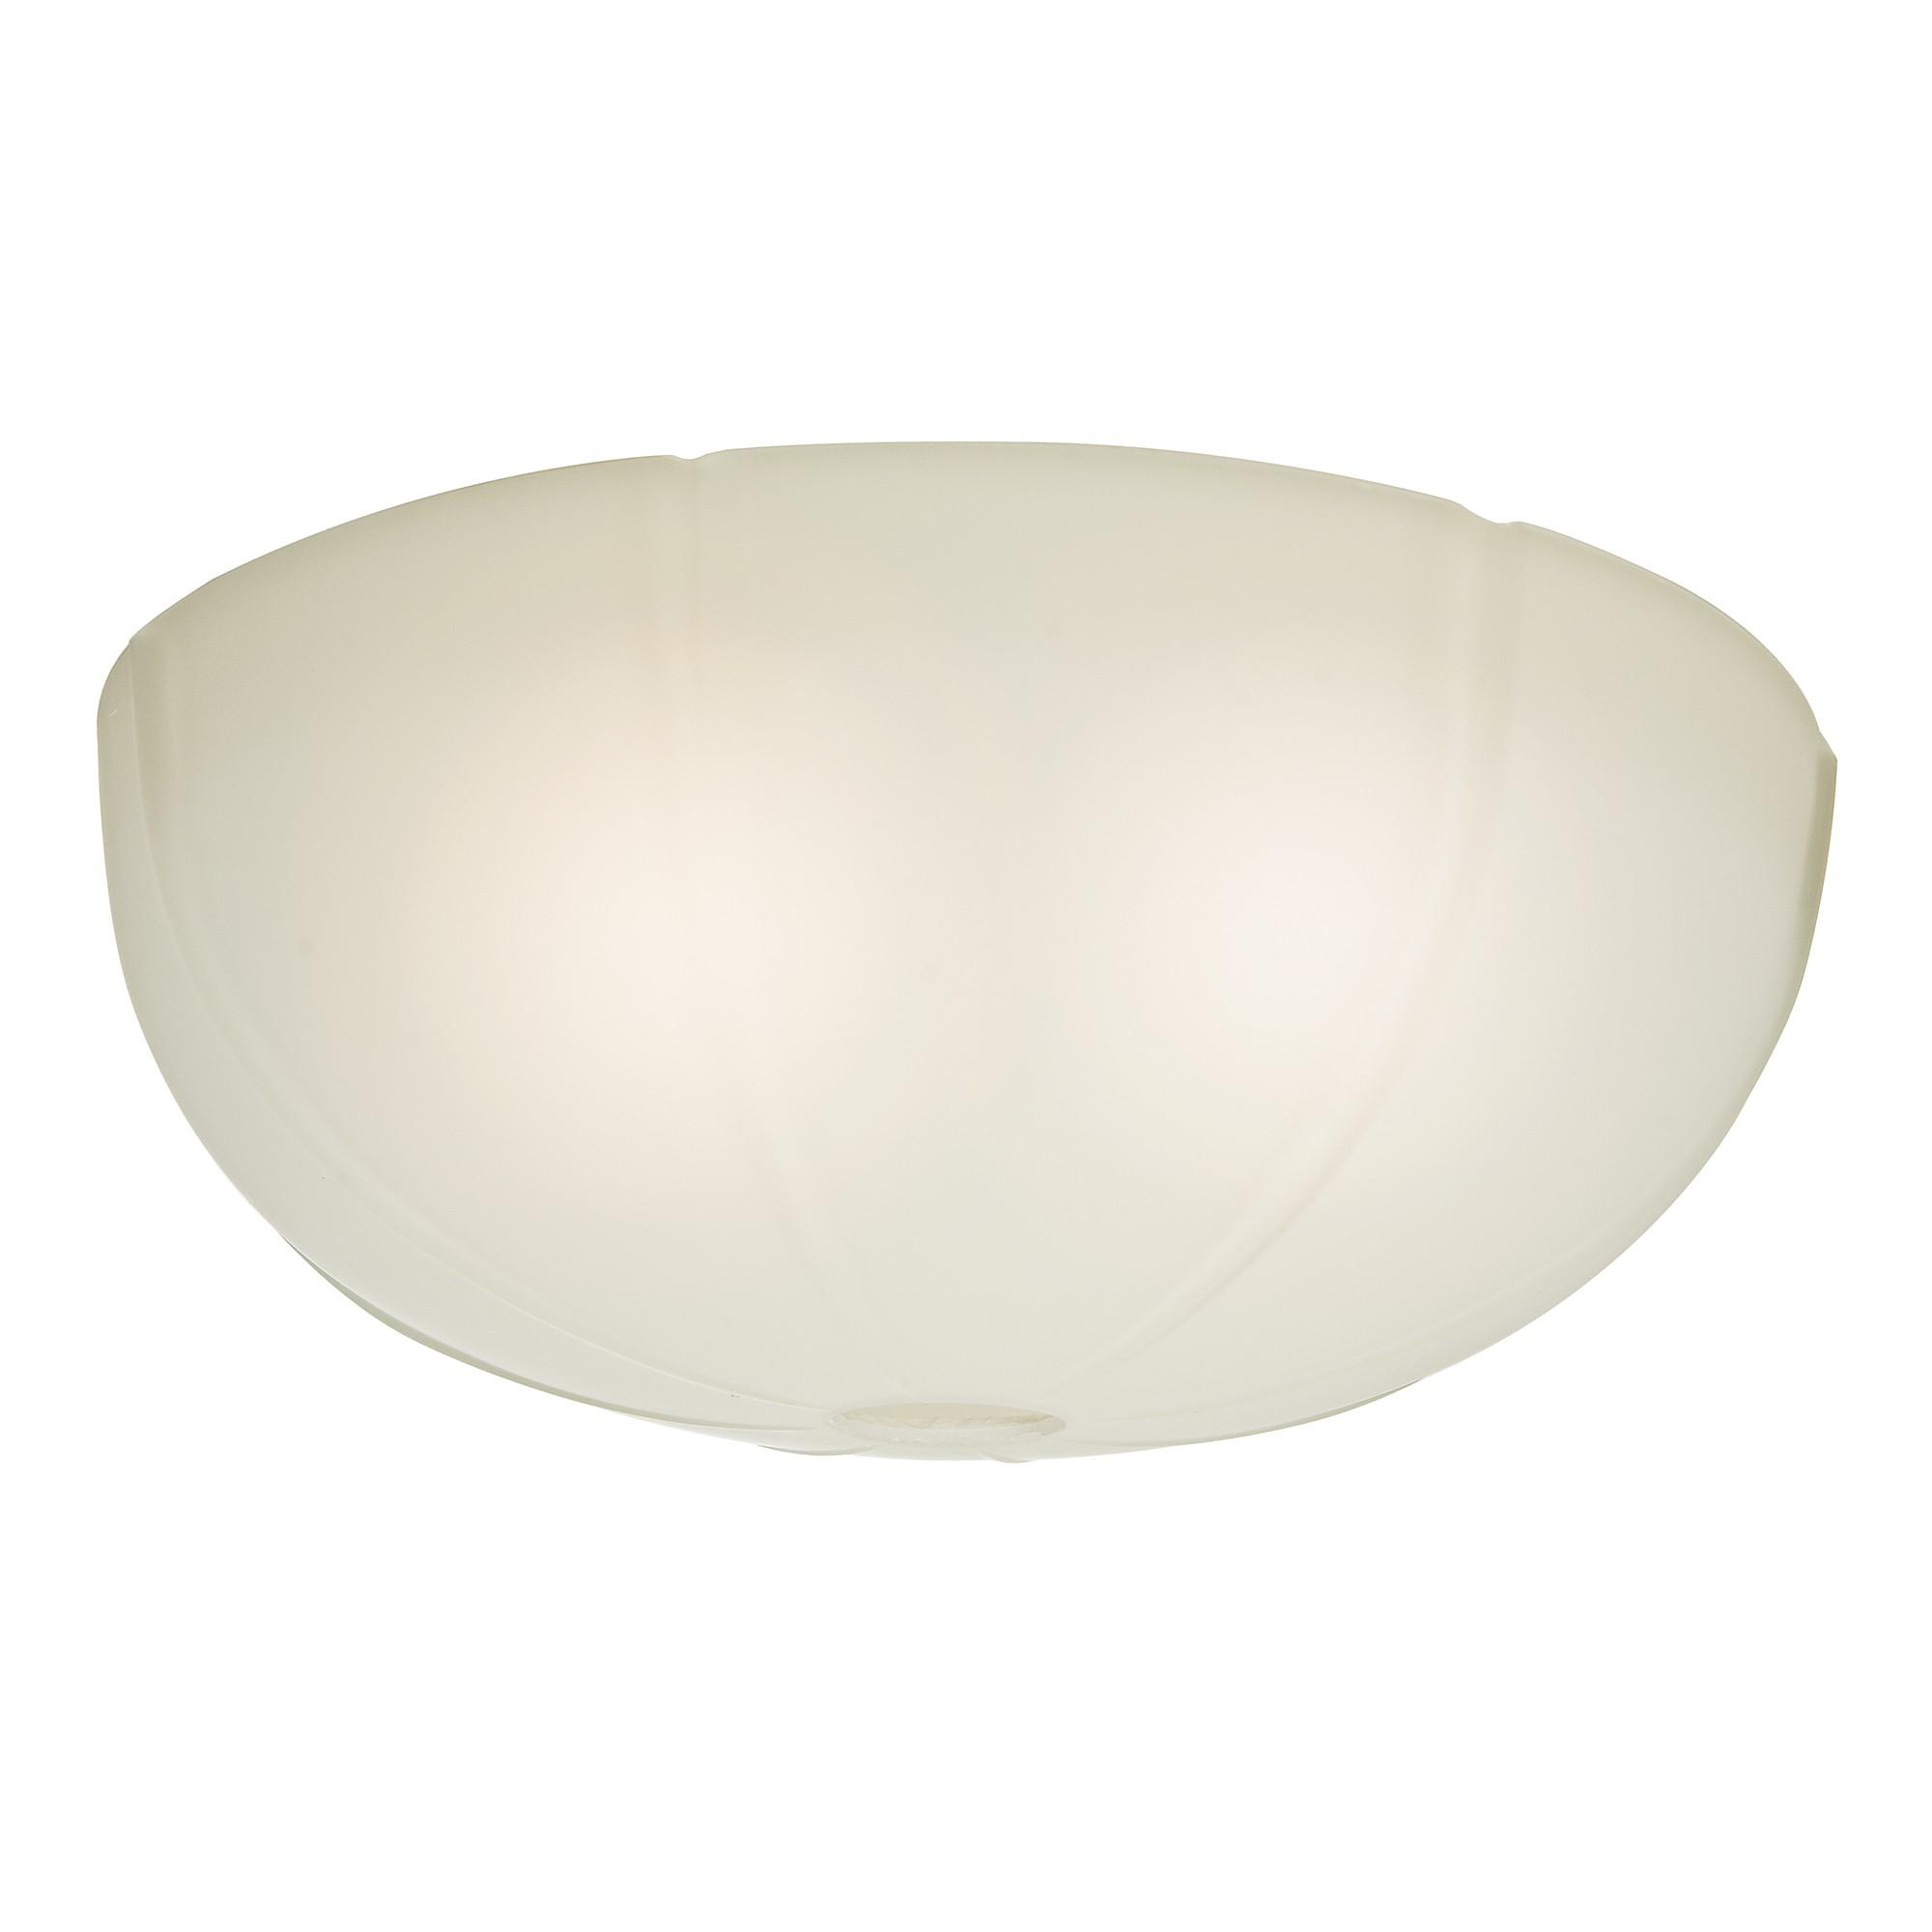 Cased White Glass Bowl